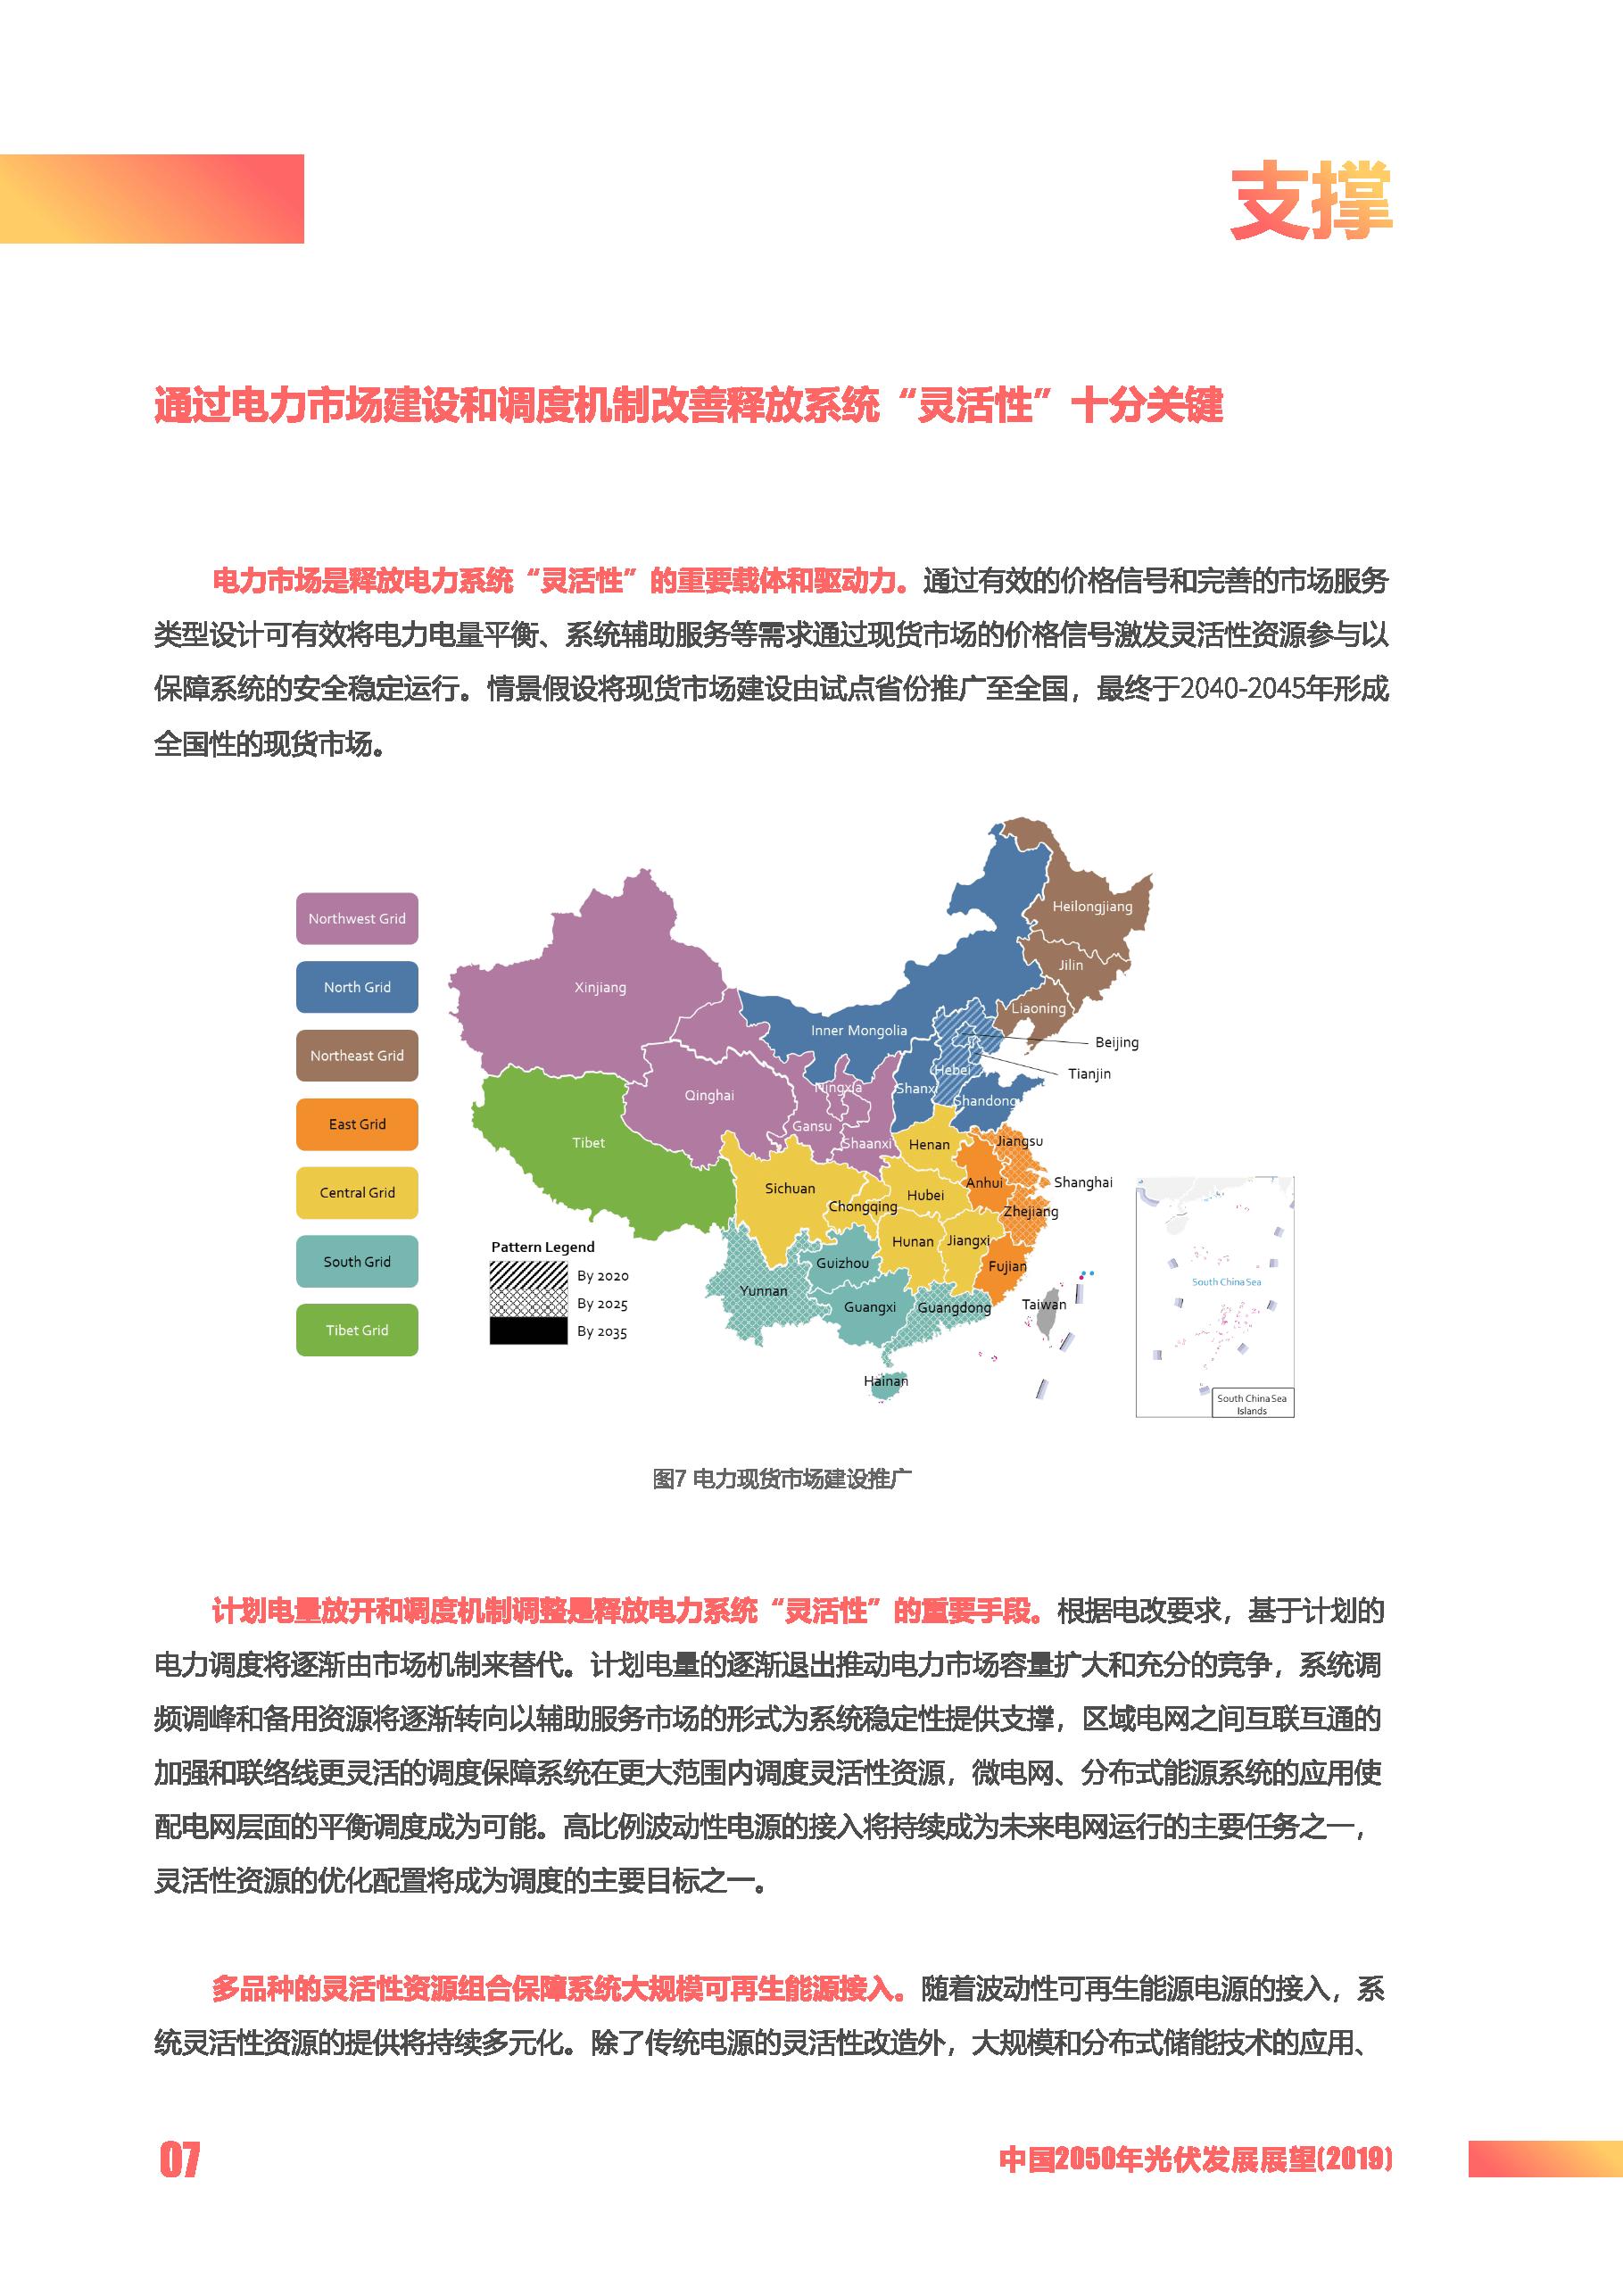 中国2050年光伏发展展望-2019_页面_10